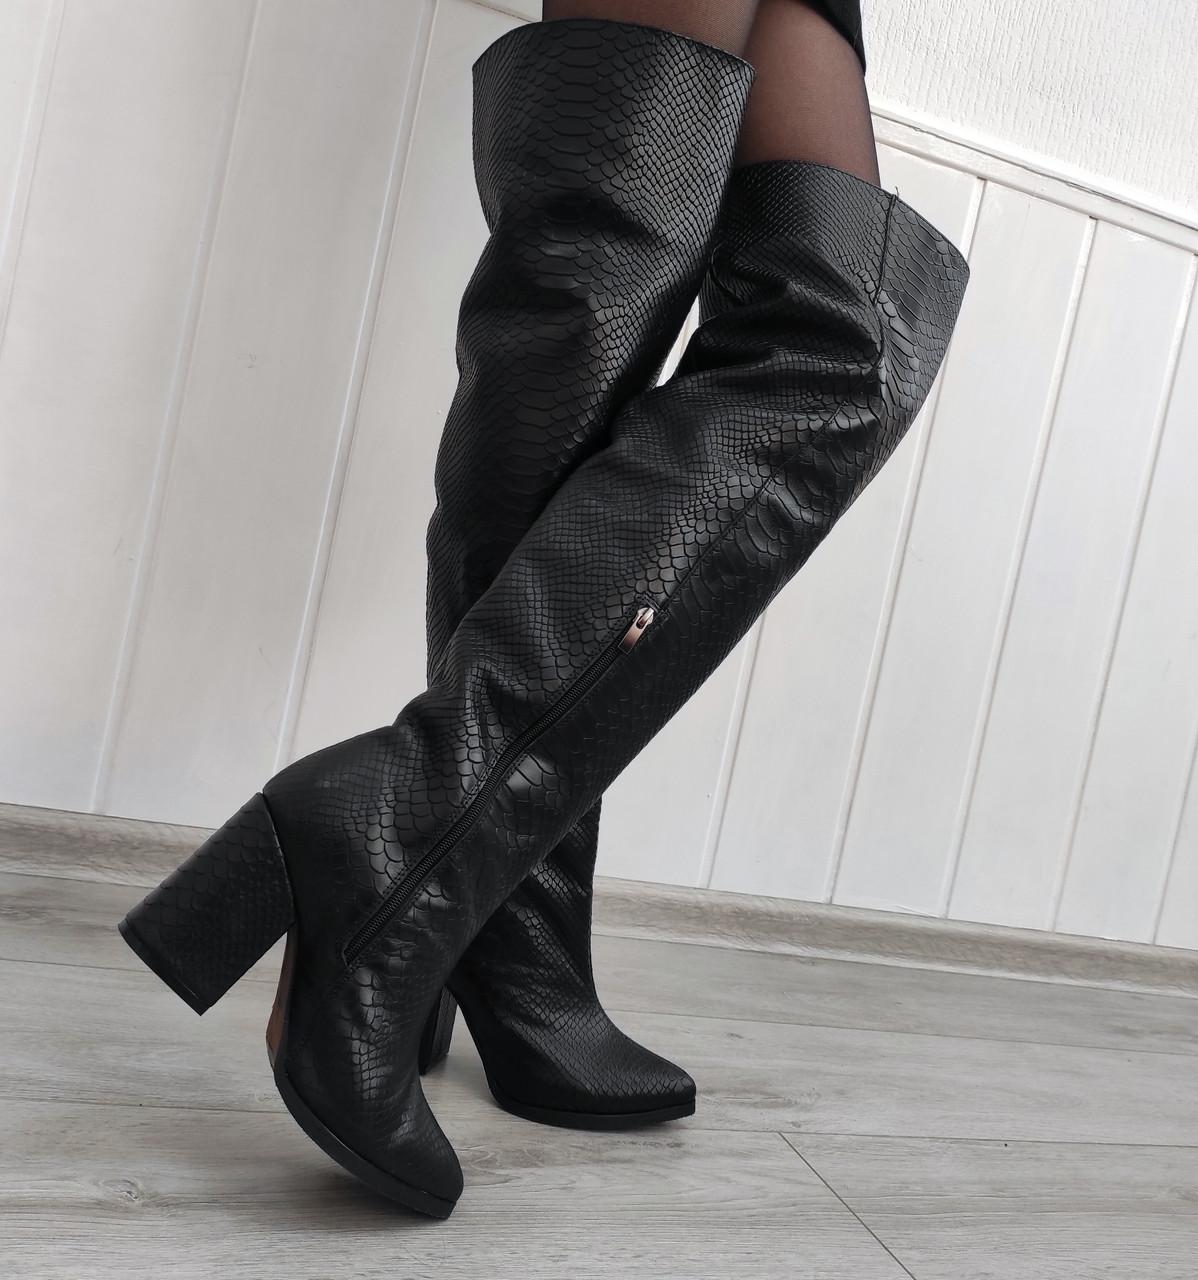 Високі жіночі чоботи на підборах принт-пітон